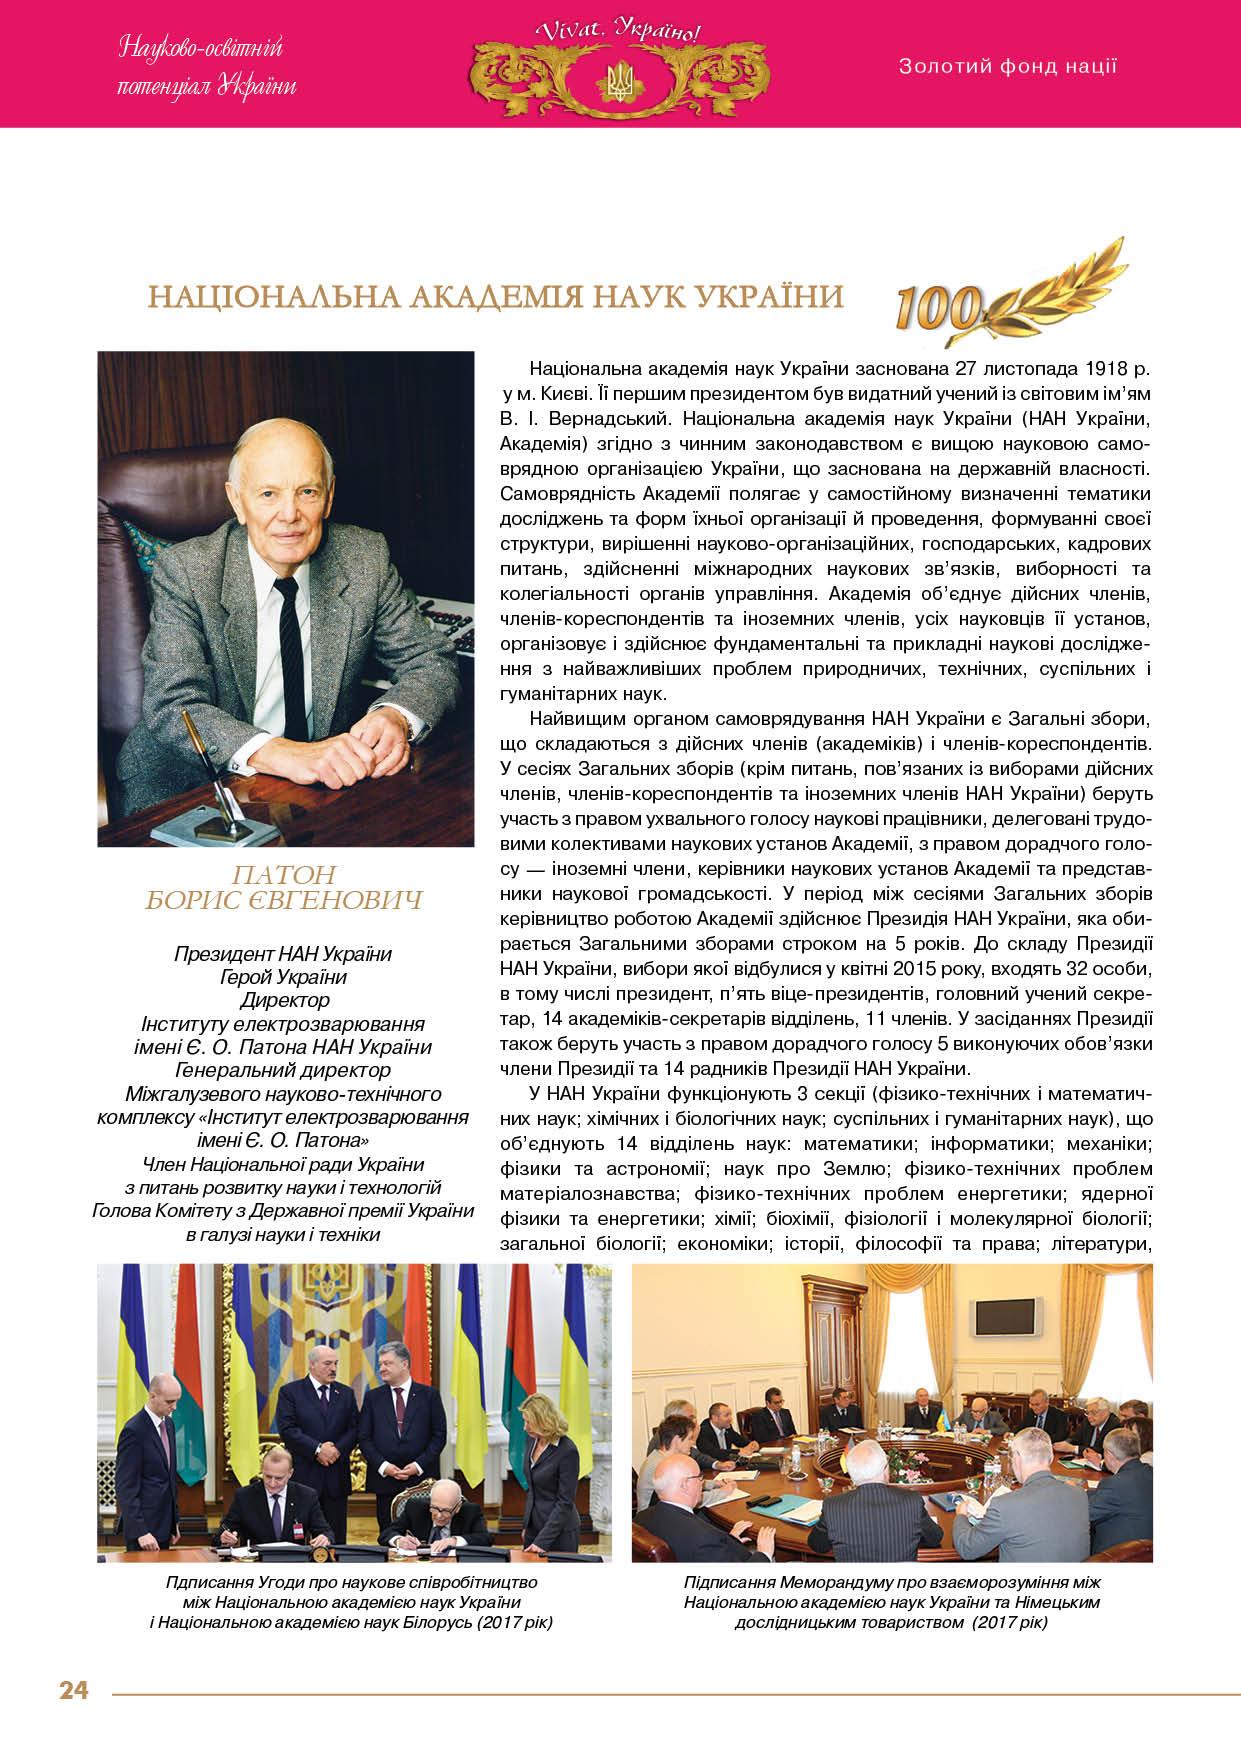 НАЦІОНАЛЬНА АКАДЕМІЯ НАУК УКРАЇНИ - Патон Борис Євгенович